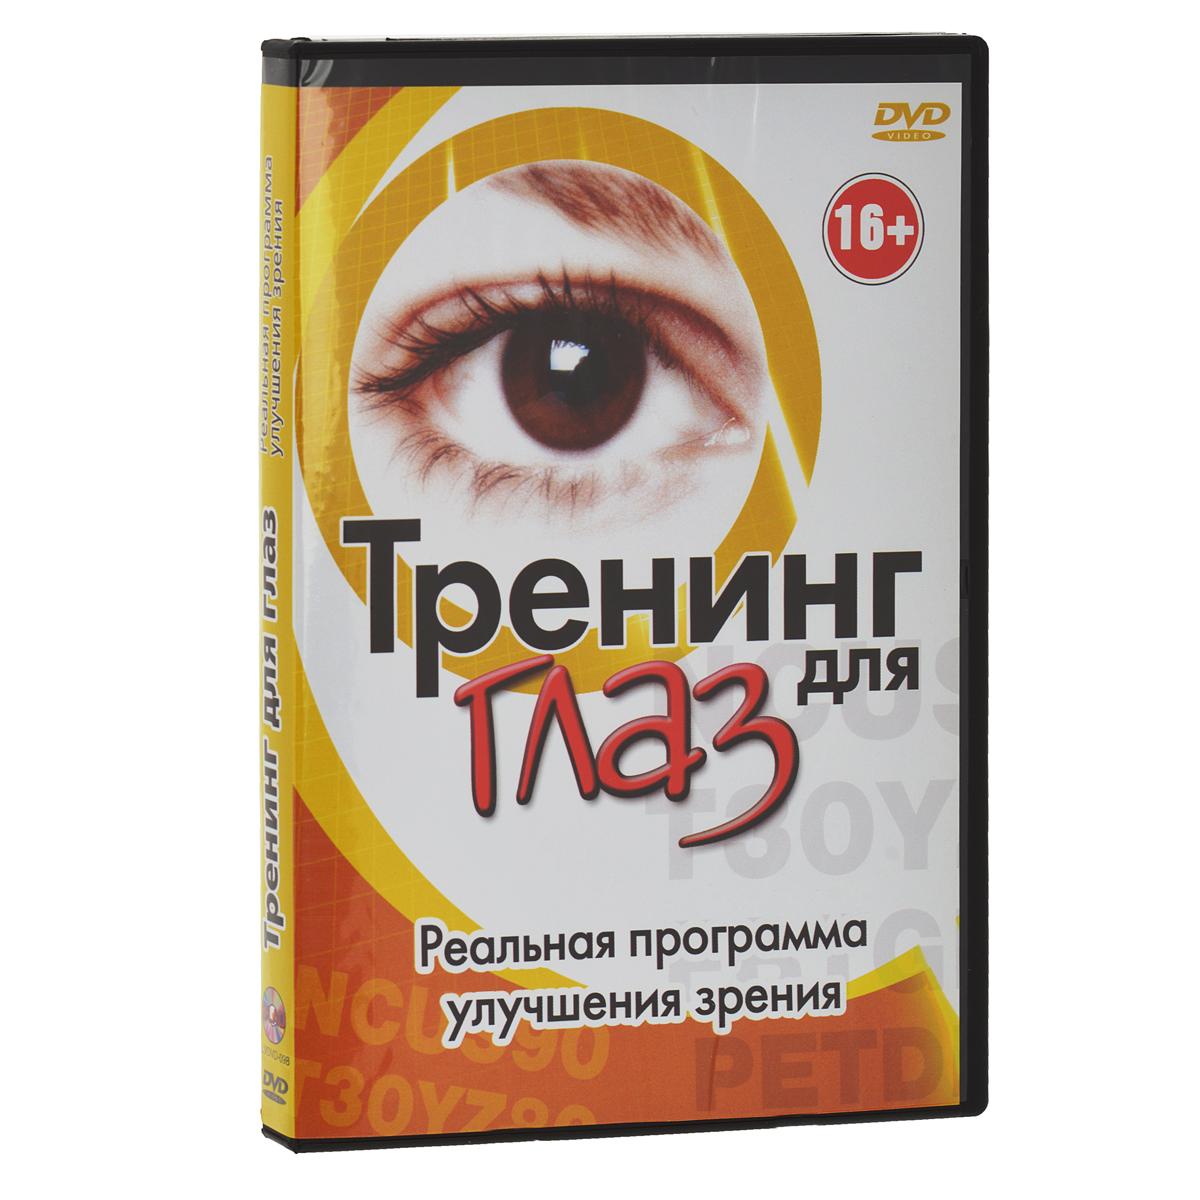 Реальная программа улучшения зрения. В последнее время приходится сталкиваться с неверным и устоявшимся представлением о том, что ухудшение зрения и необходимость носить очки относятся к числу неизбежных проблем, не поддающихся решению без серьезного медицинского вмешательства. Даже люди, постоянно и внимательно следящие за своим здоровьем, занимающиеся по различным фитнес-программам, не подозревают о существовании эффективных фитнес-тренингов для глаз, позволяющих существенно улучшить зрение и сохранить глаза здоровыми. Один из этих тренингов под названием EyeSercise предлагает автор данной видеопрограммы американка Мэрилин Рой. Ее абсолютно безопасная программа включает в себя систему несложных упражнений для мышц глаз, упражнения на снятие усталости глаз и технику визуальных игр. За последние три года только в США было продано 7 миллионов копий DVD с данной видеопрограммой. Сегодня этот тренинг для глаз стал доступен россиянам. Обращаем особое внимание...